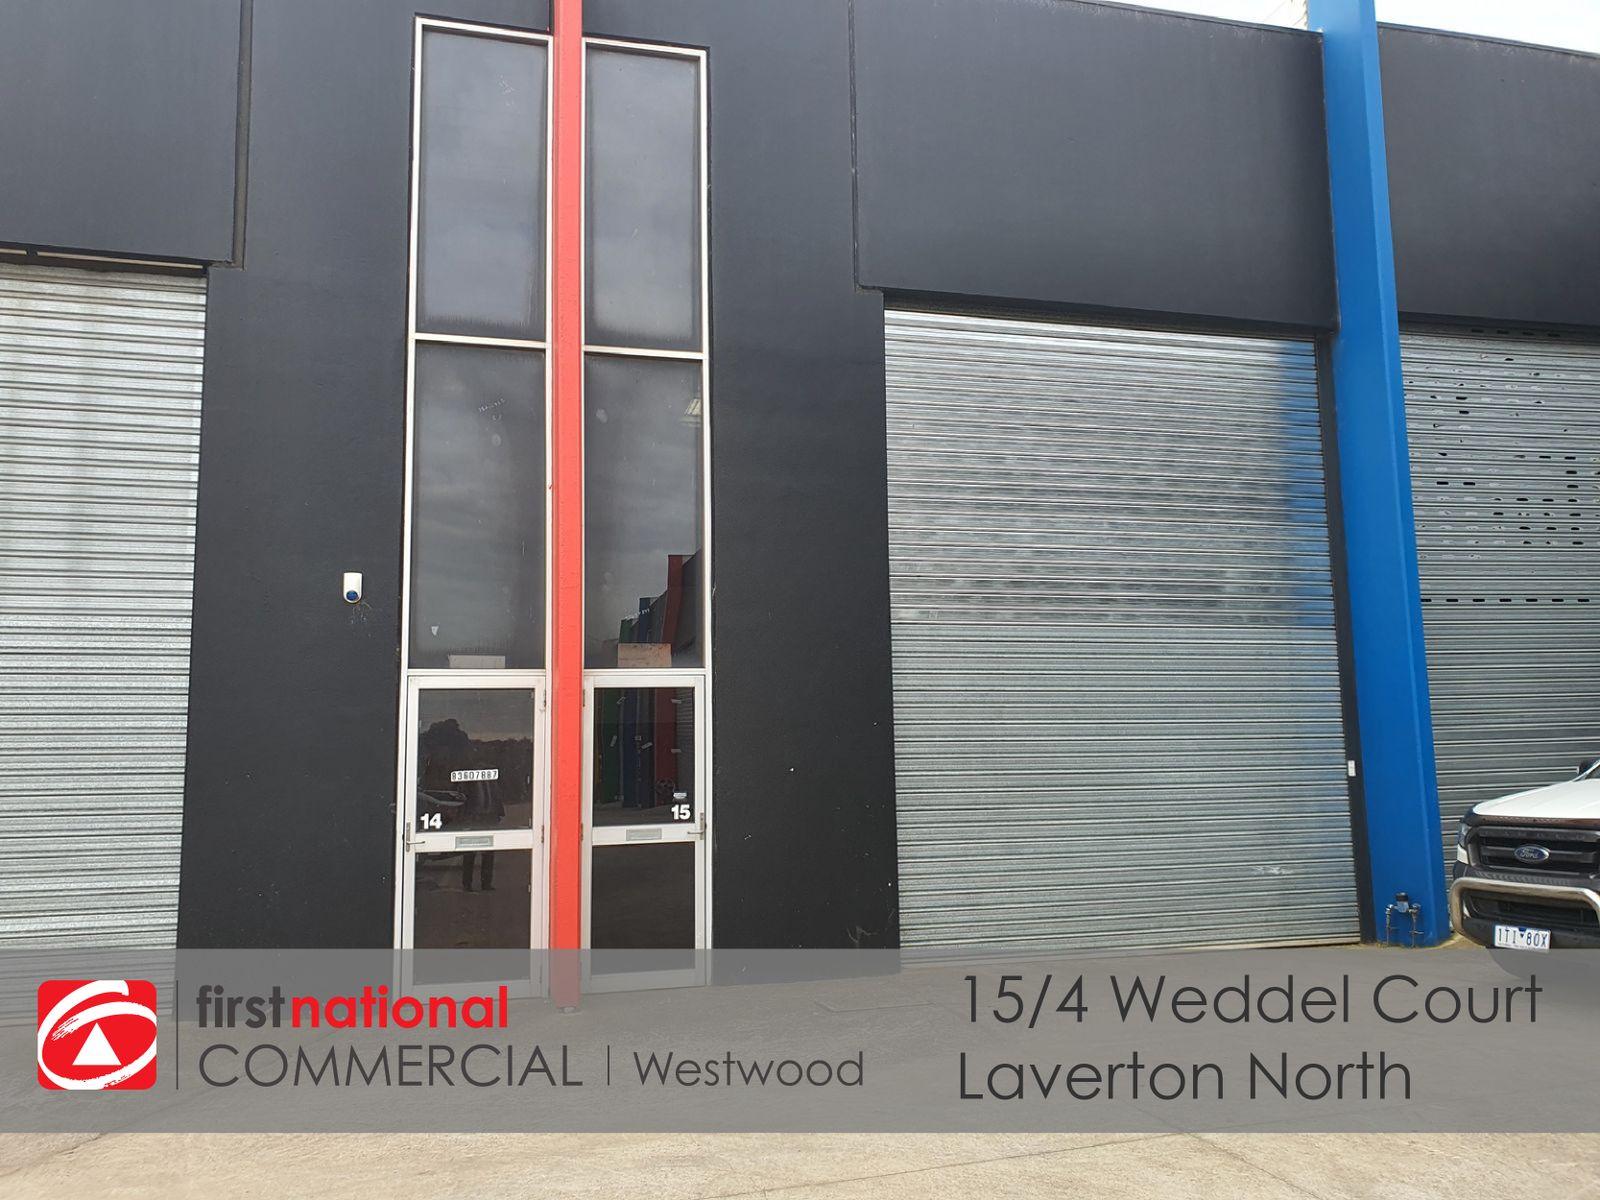 15/4 Weddel Court, Laverton North, VIC 3026